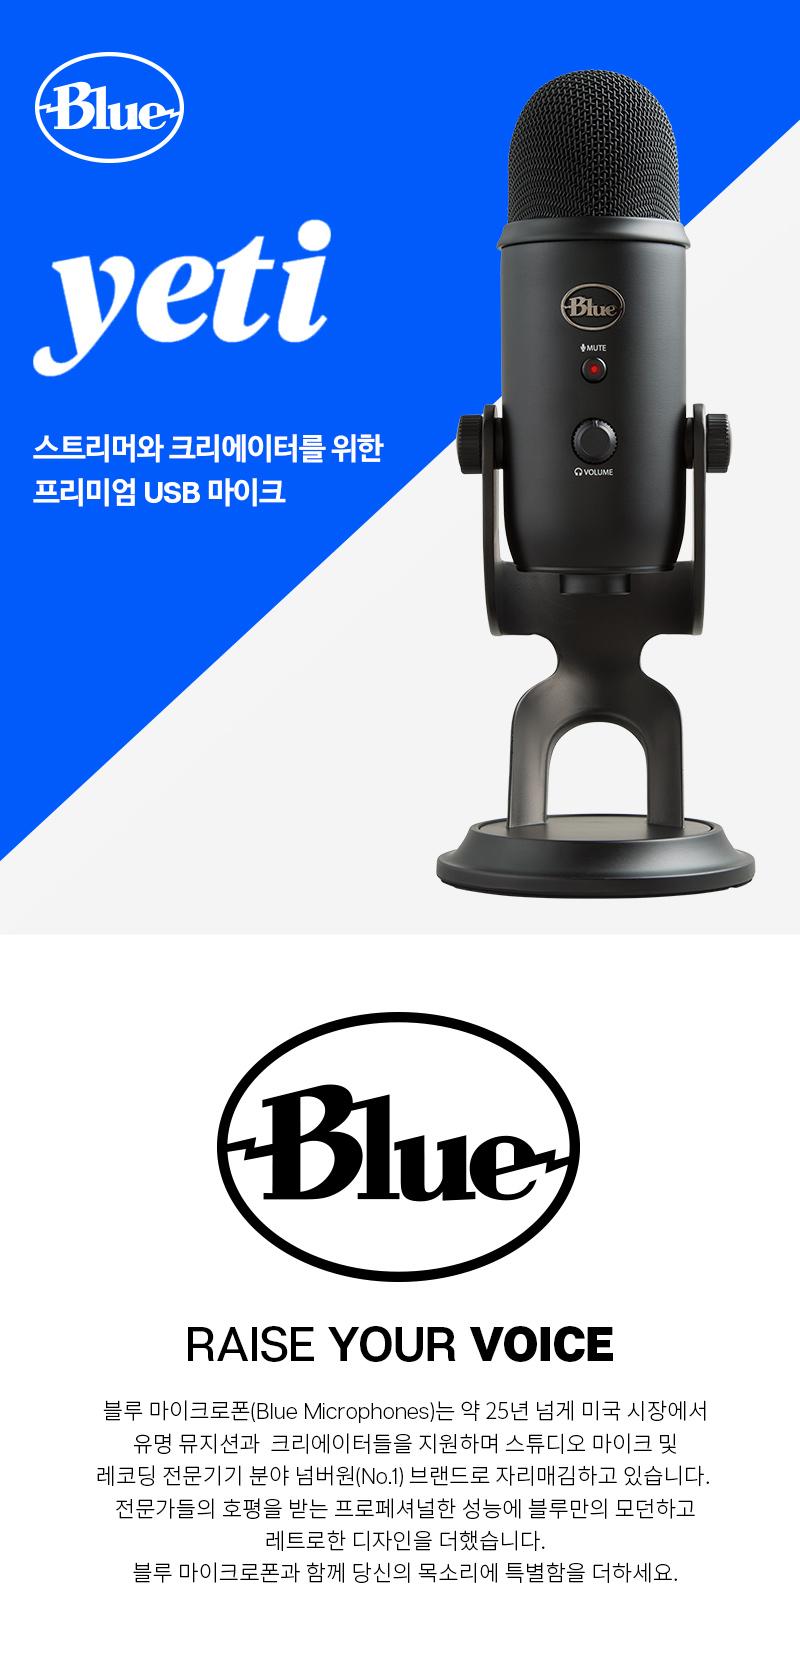 로지텍 블루 마이크로폰 YETI (정품)